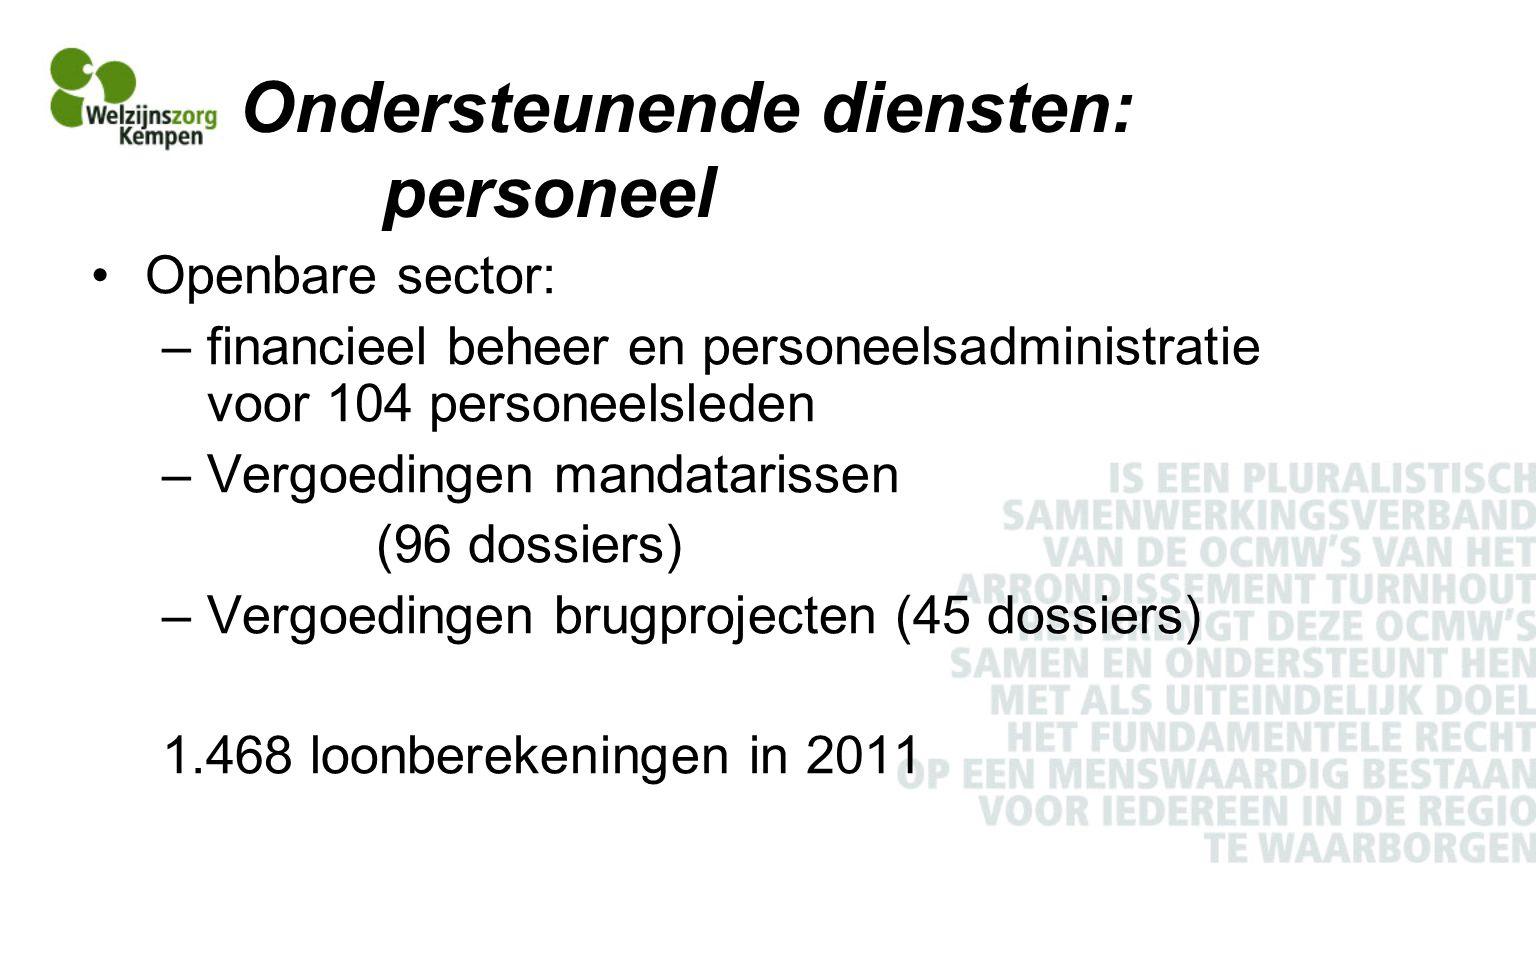 Ondersteunende diensten: personeel Openbare sector: –financieel beheer en personeelsadministratie voor 104 personeelsleden –Vergoedingen mandatarissen (96 dossiers) –Vergoedingen brugprojecten (45 dossiers) 1.468 loonberekeningen in 2011